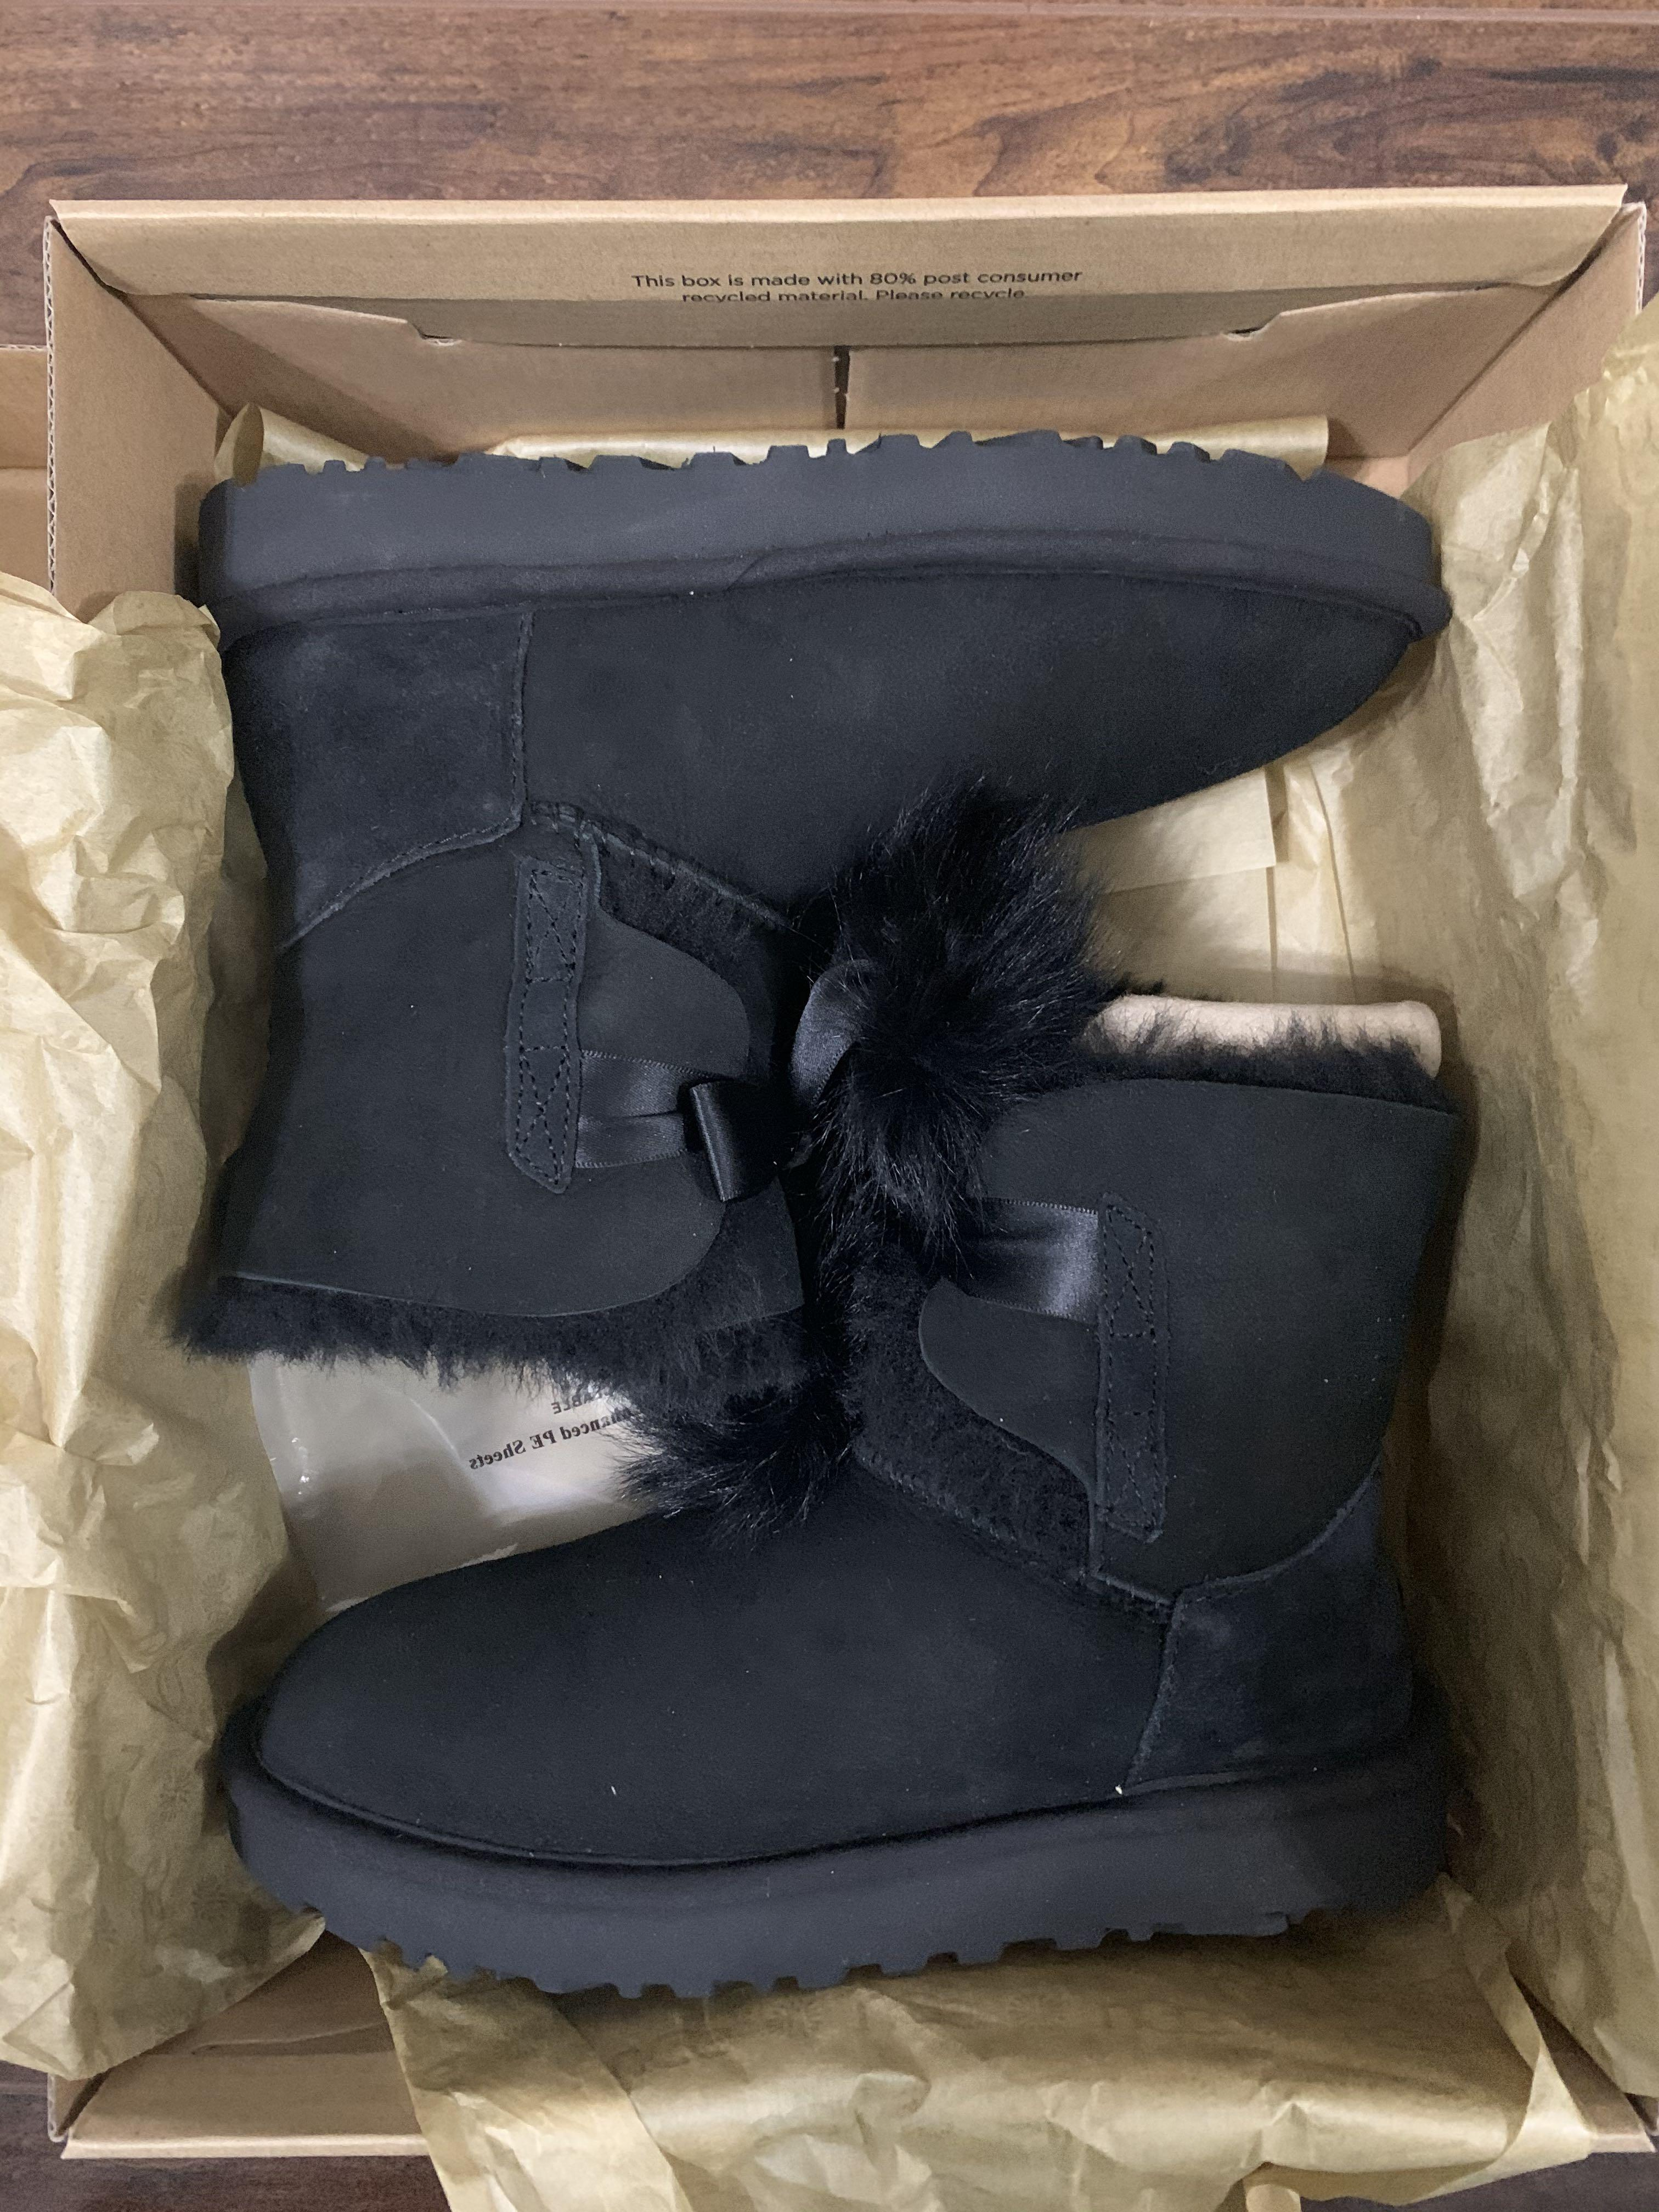 NEW UGGS winter booties